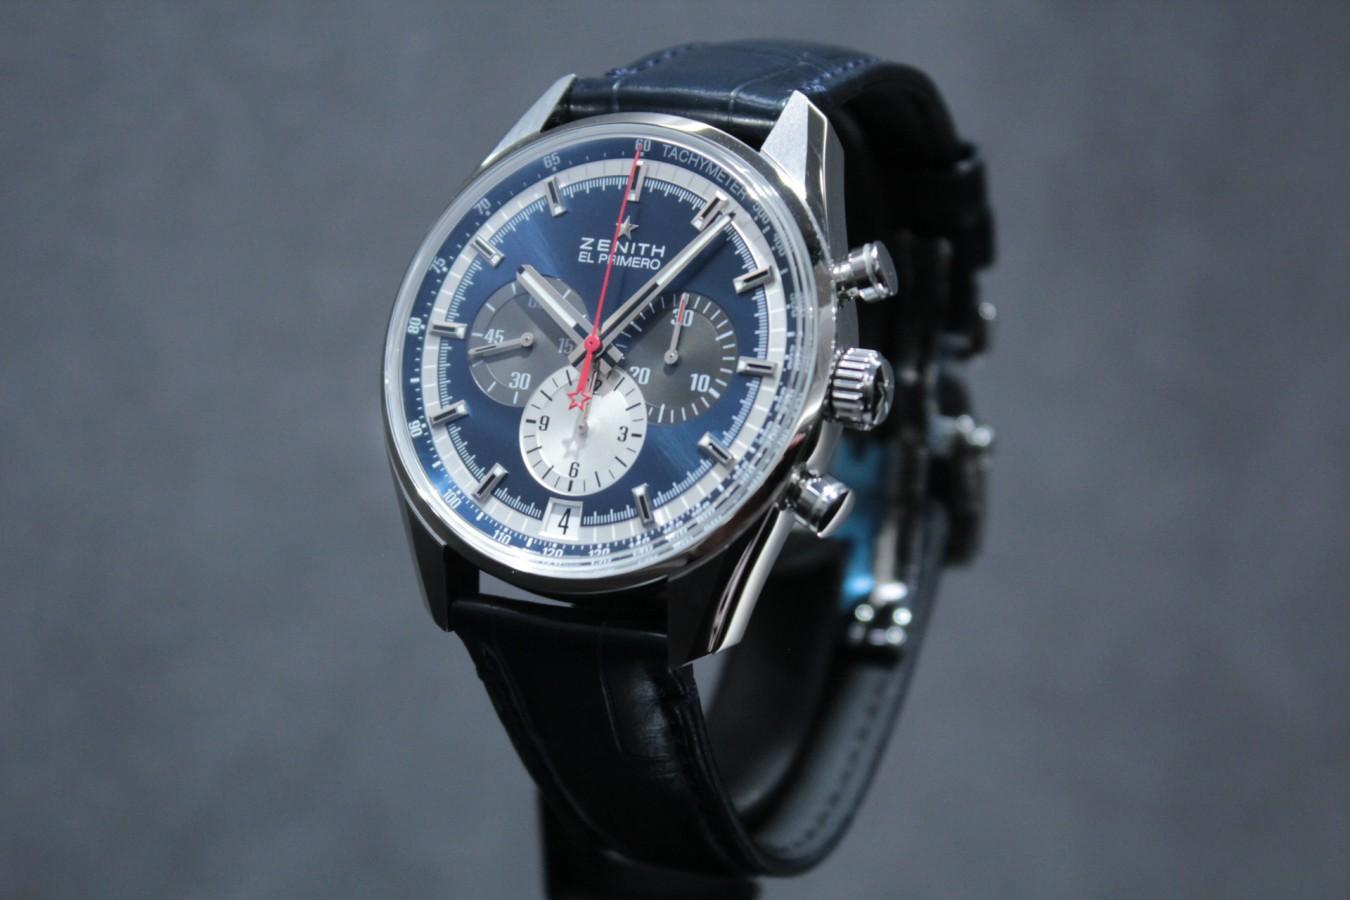 IMG_6259 ブルーダイヤルとマルチカラーが織りなす美しいコントラスト【エル・プリメロ 42mm】 - CHRONOMASTER